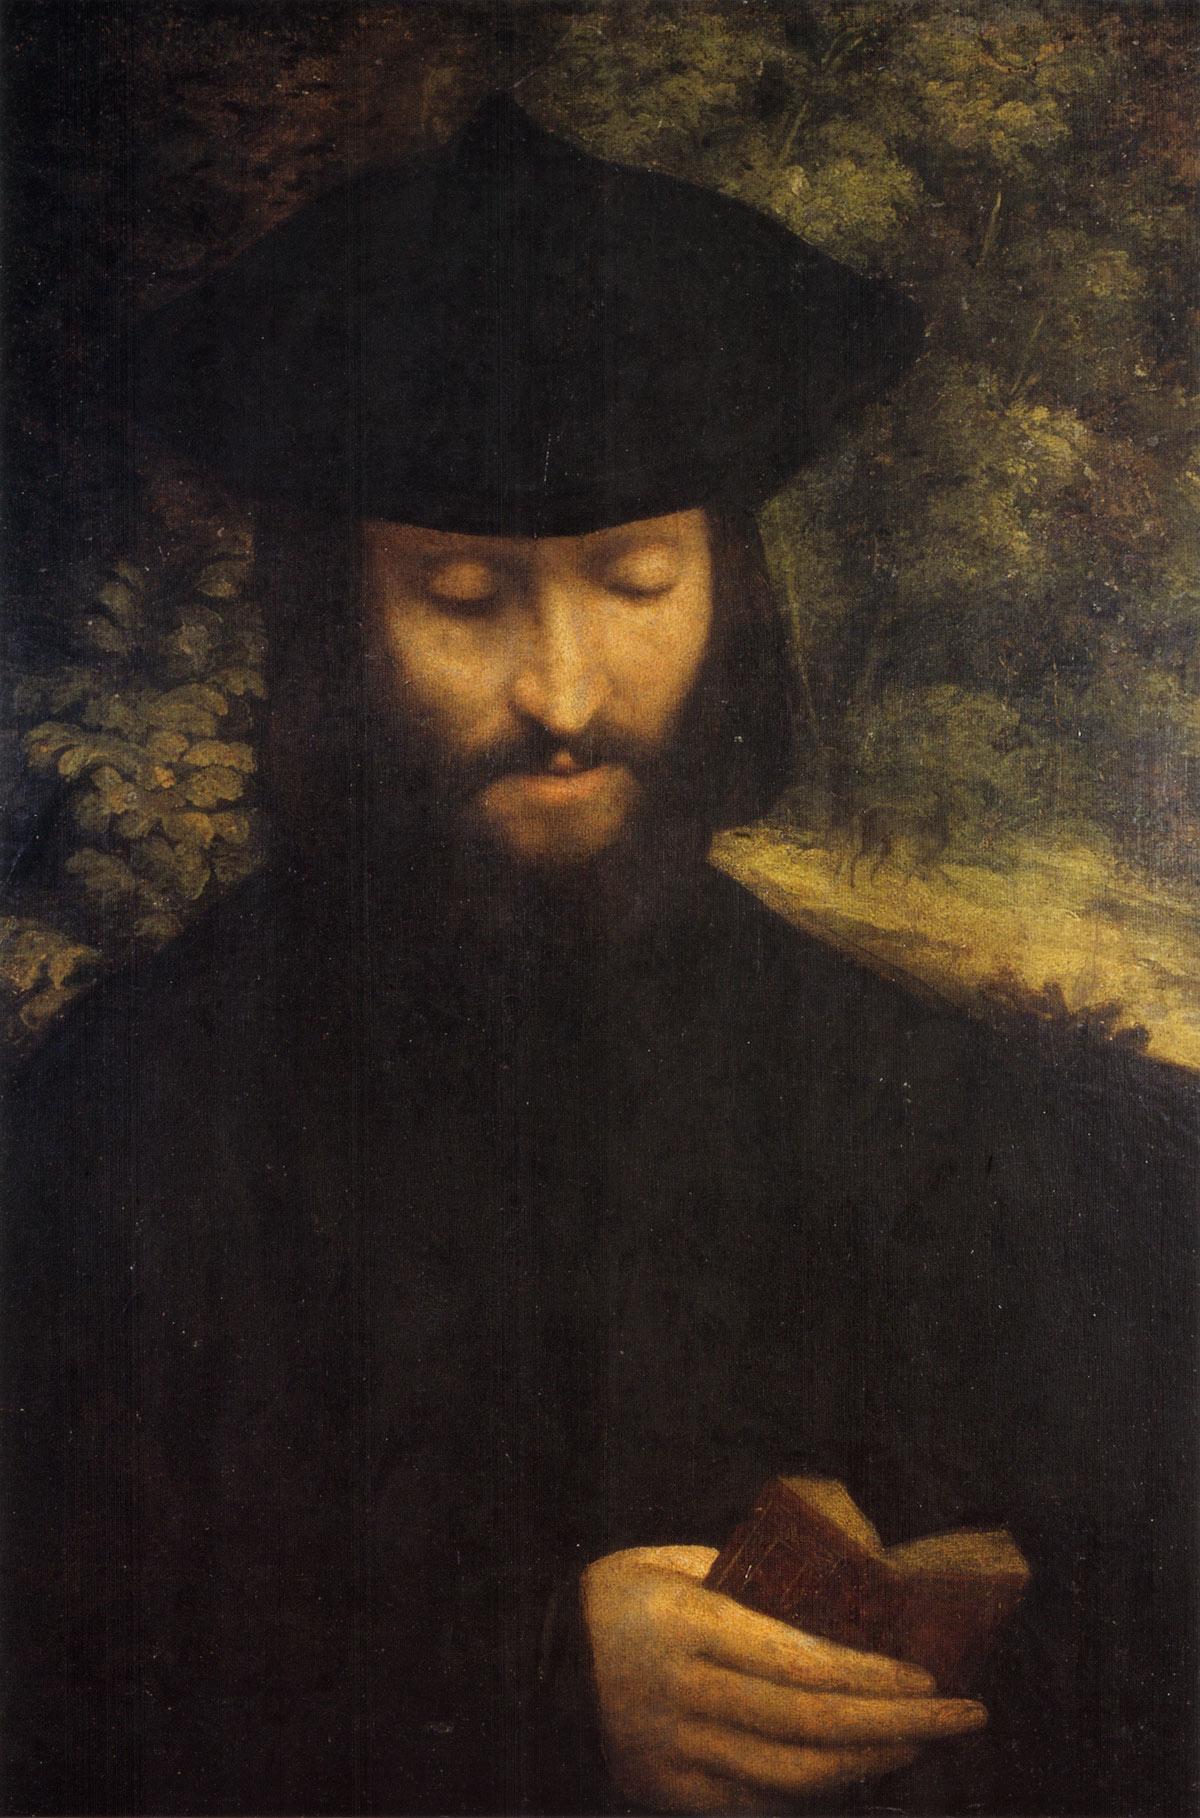 Correggio (Antonio Allegri), Ritratto d'uomo con libro (1522 circa; olio su carta fissato su tela, 60,2 x 42,5 cm; Milano, Castello Sforzesco, Pinacoteca)